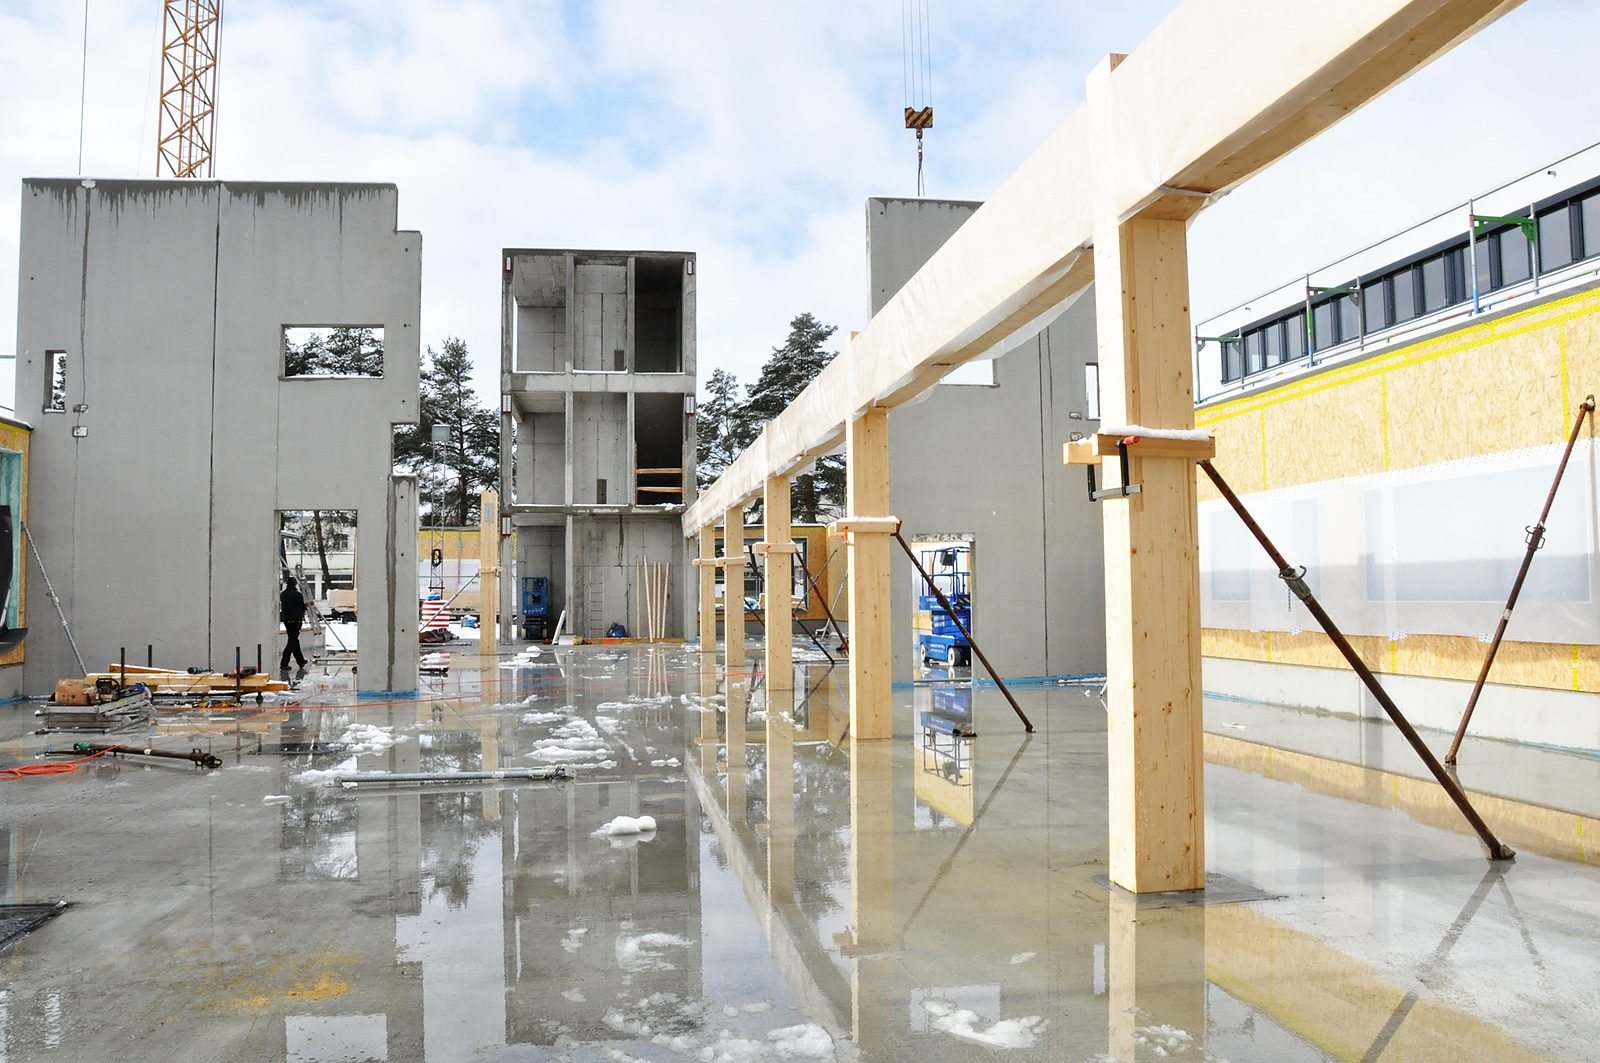 Bureau Haut Bois : Constructions bois génie civil knapp verbinder